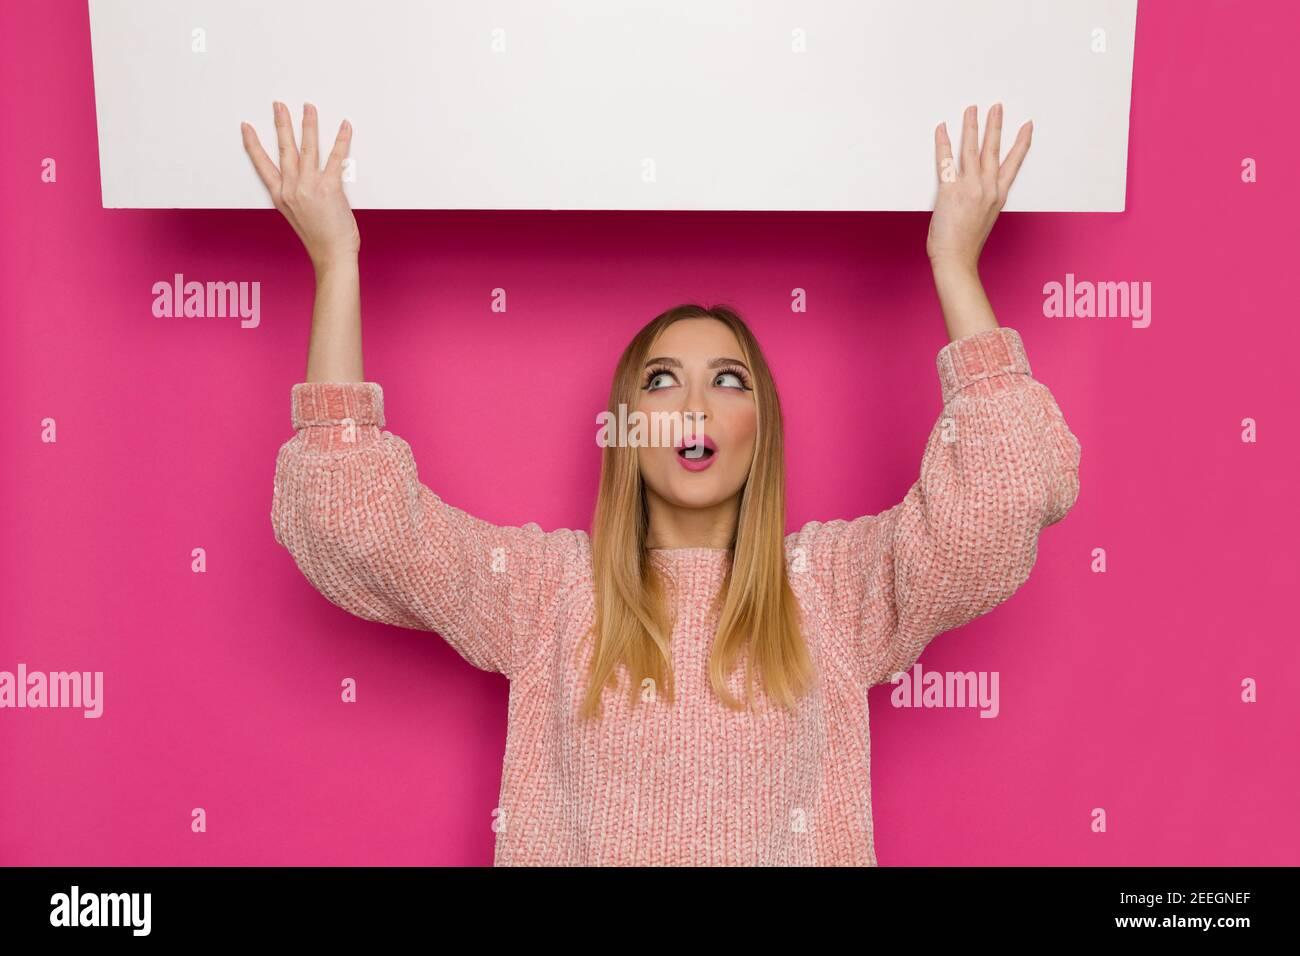 Surprise jeune femme en chandail rose tient la bannière blanche au-dessus de la tête, regardant vers le haut et parlant. Vue avant. Taille haute studio tourné sur fond rose. Banque D'Images